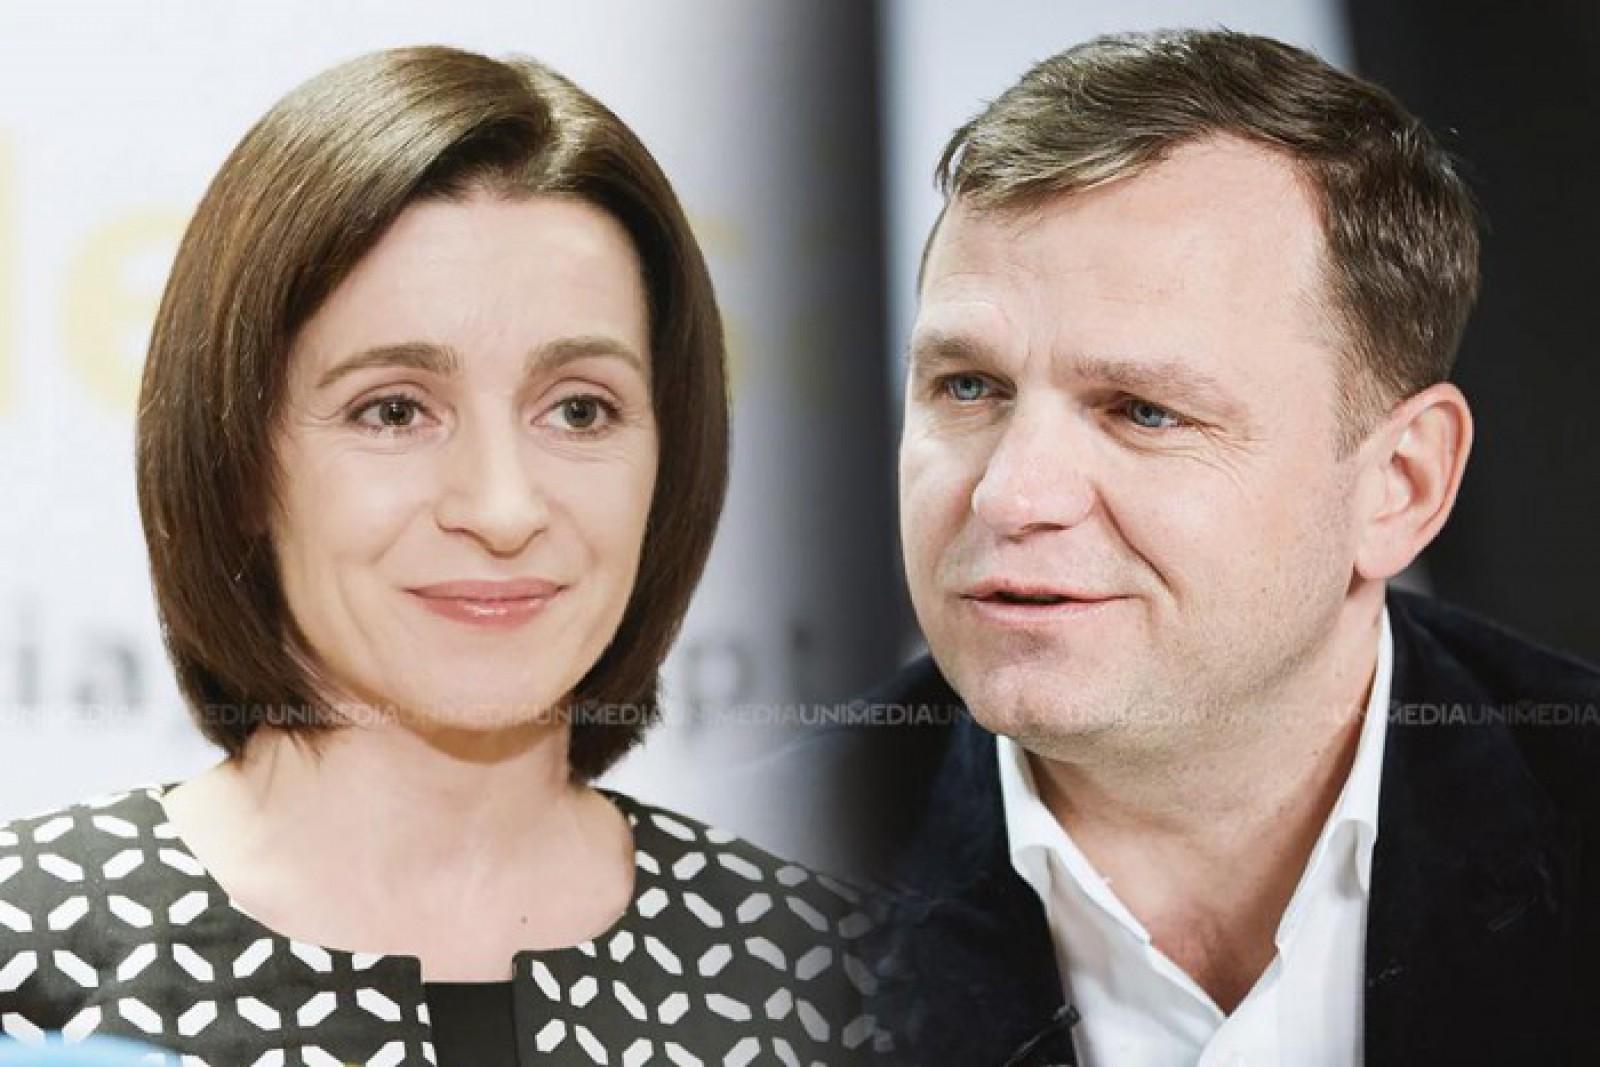 """(video) Andrei Năstase și Maia Sandu îndeamnă chișinăuienii să iasă la vot: """"Avem o șansă uriașă să demontăm acest sistem putred de corupt"""""""